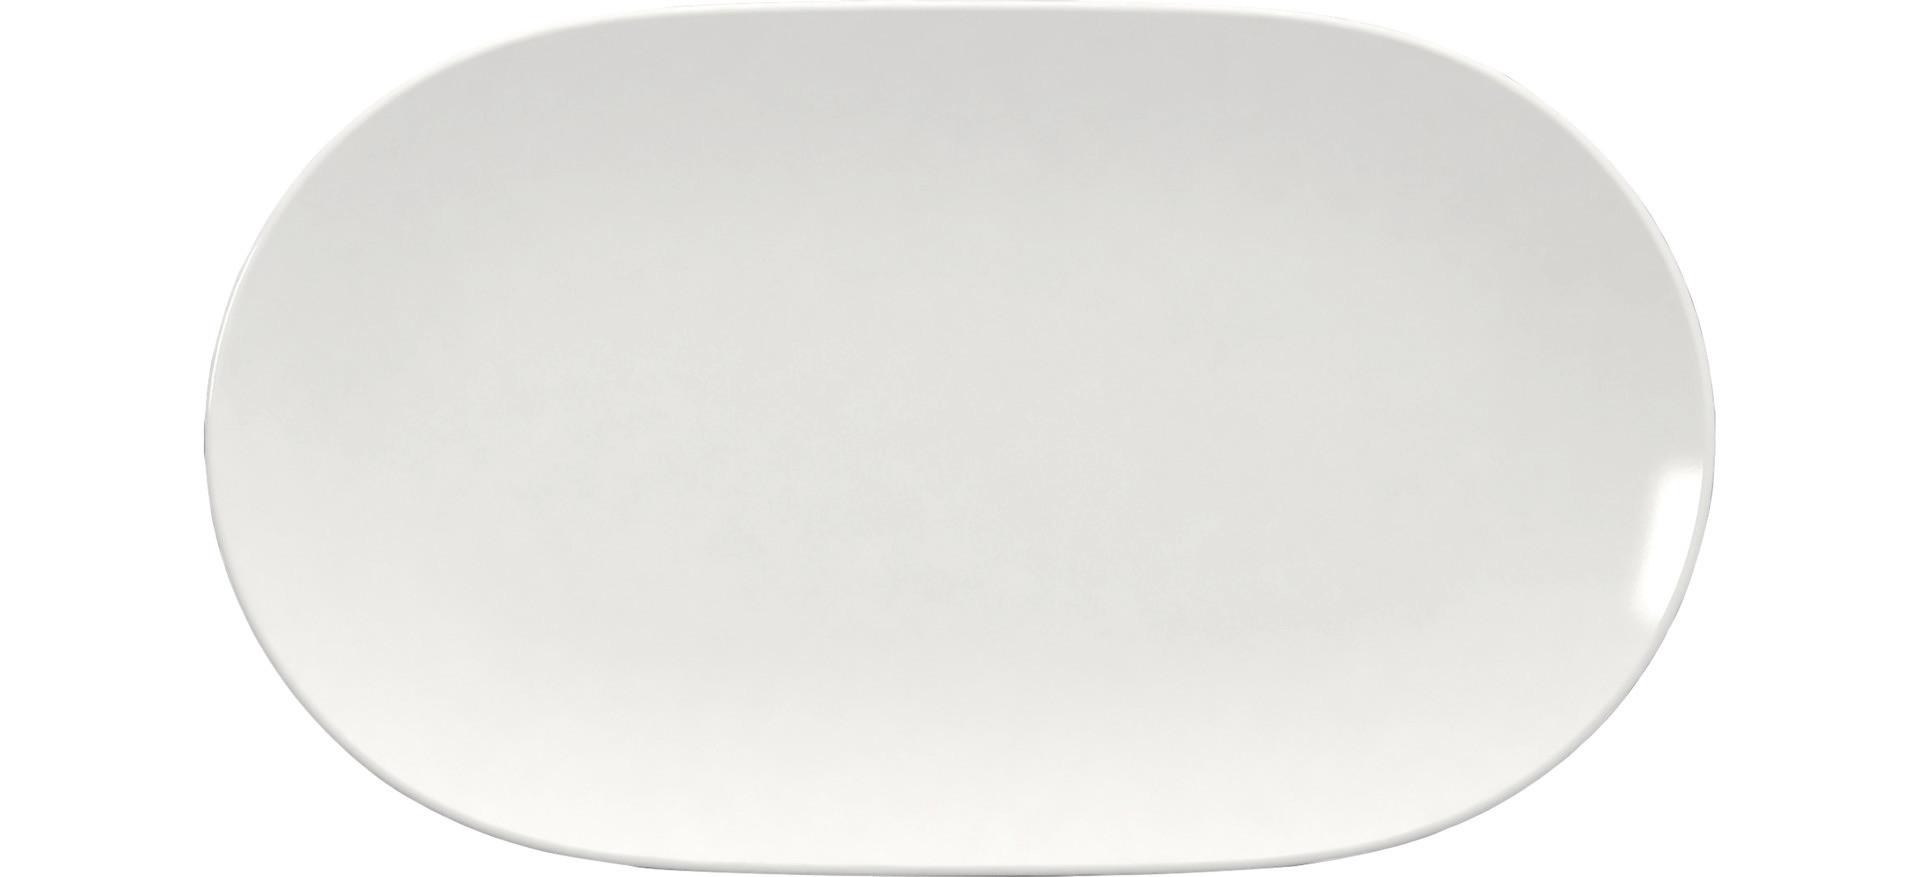 Scope, Coupplatte oval 373 x 222 mm